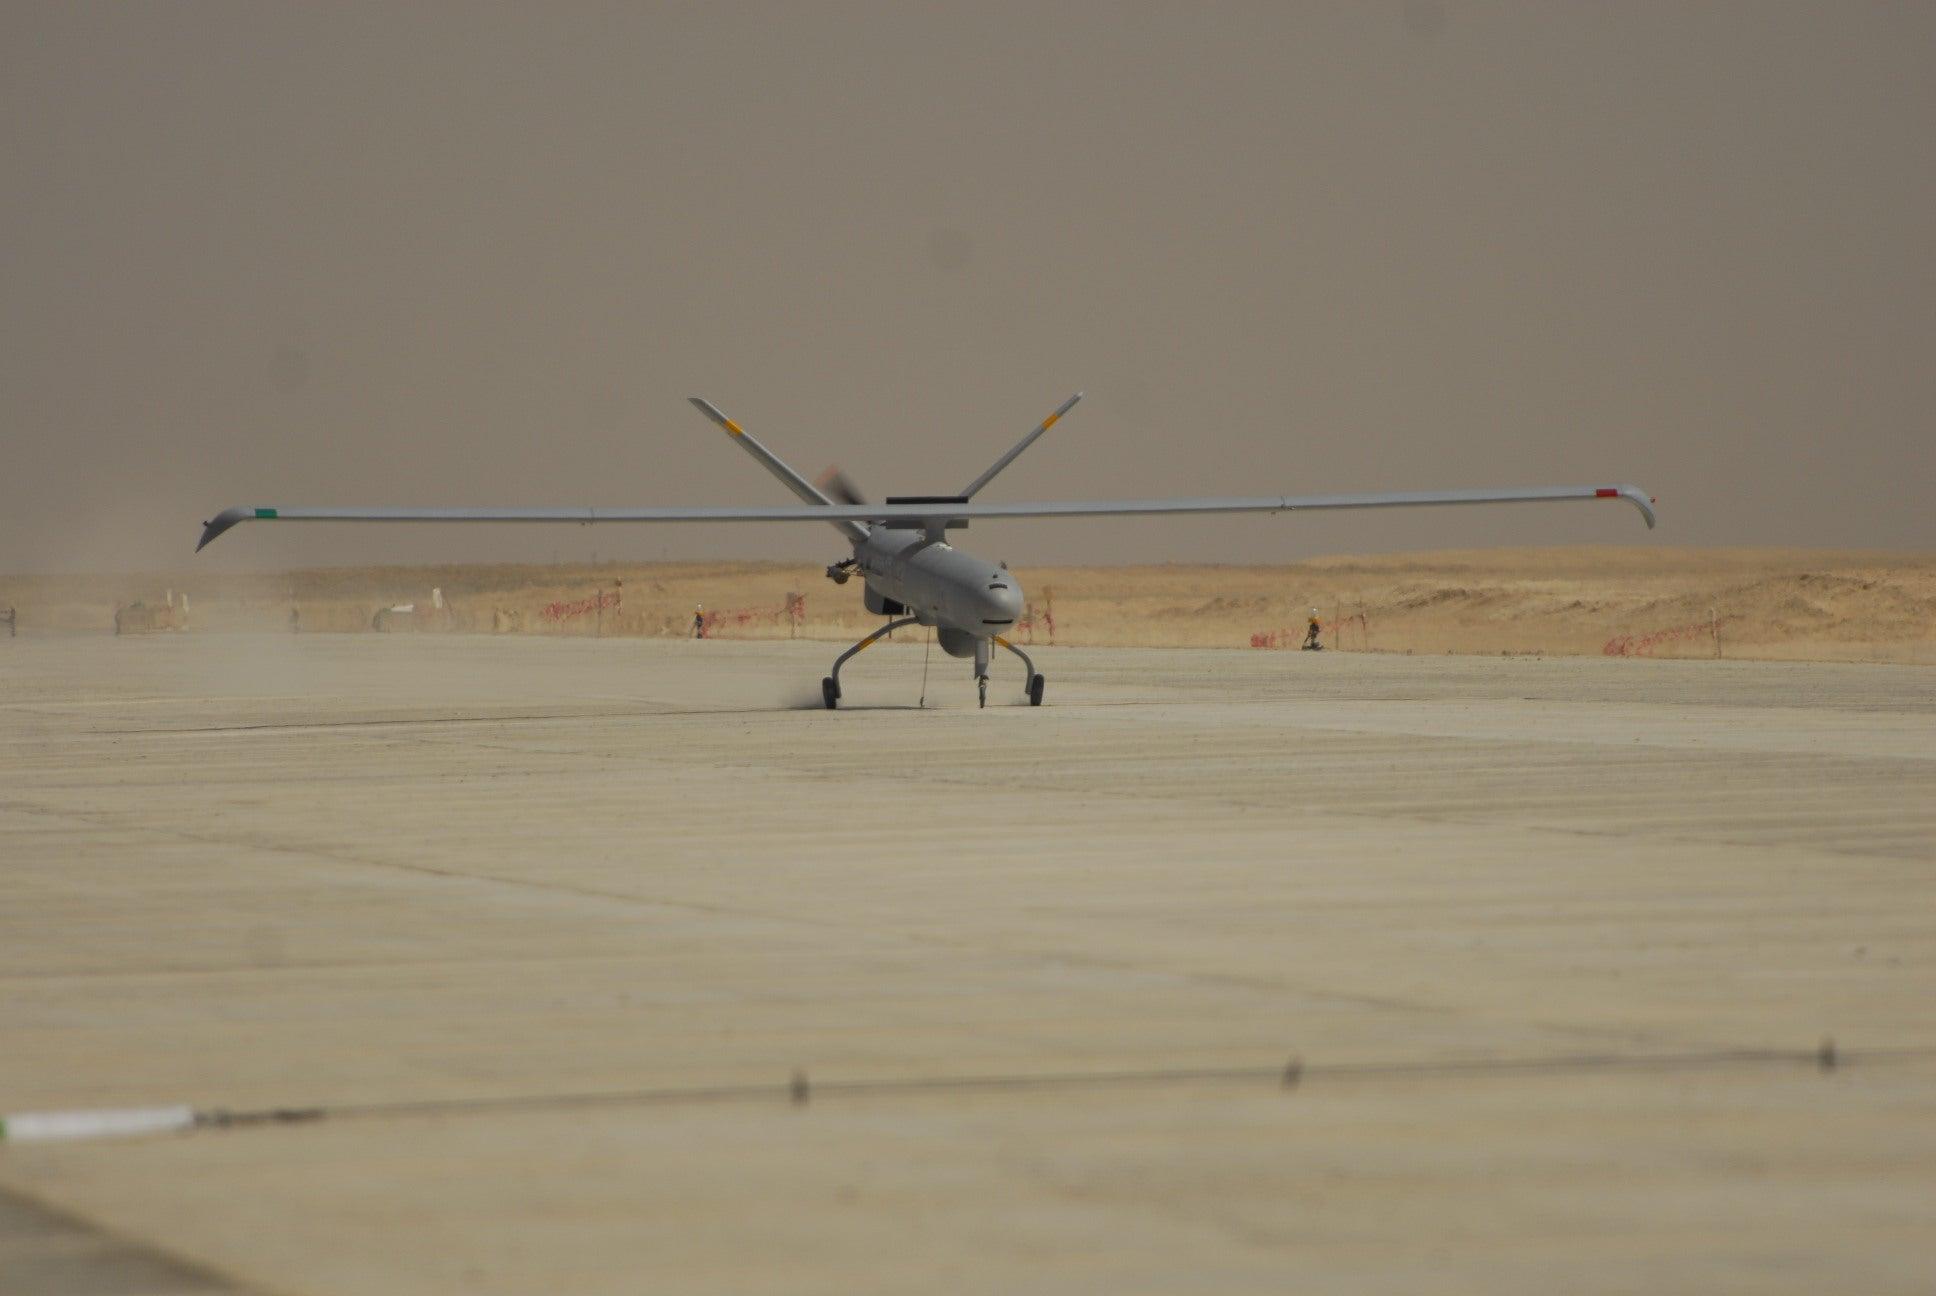 Modified Israeli Drone Seen Flying Over Gaza